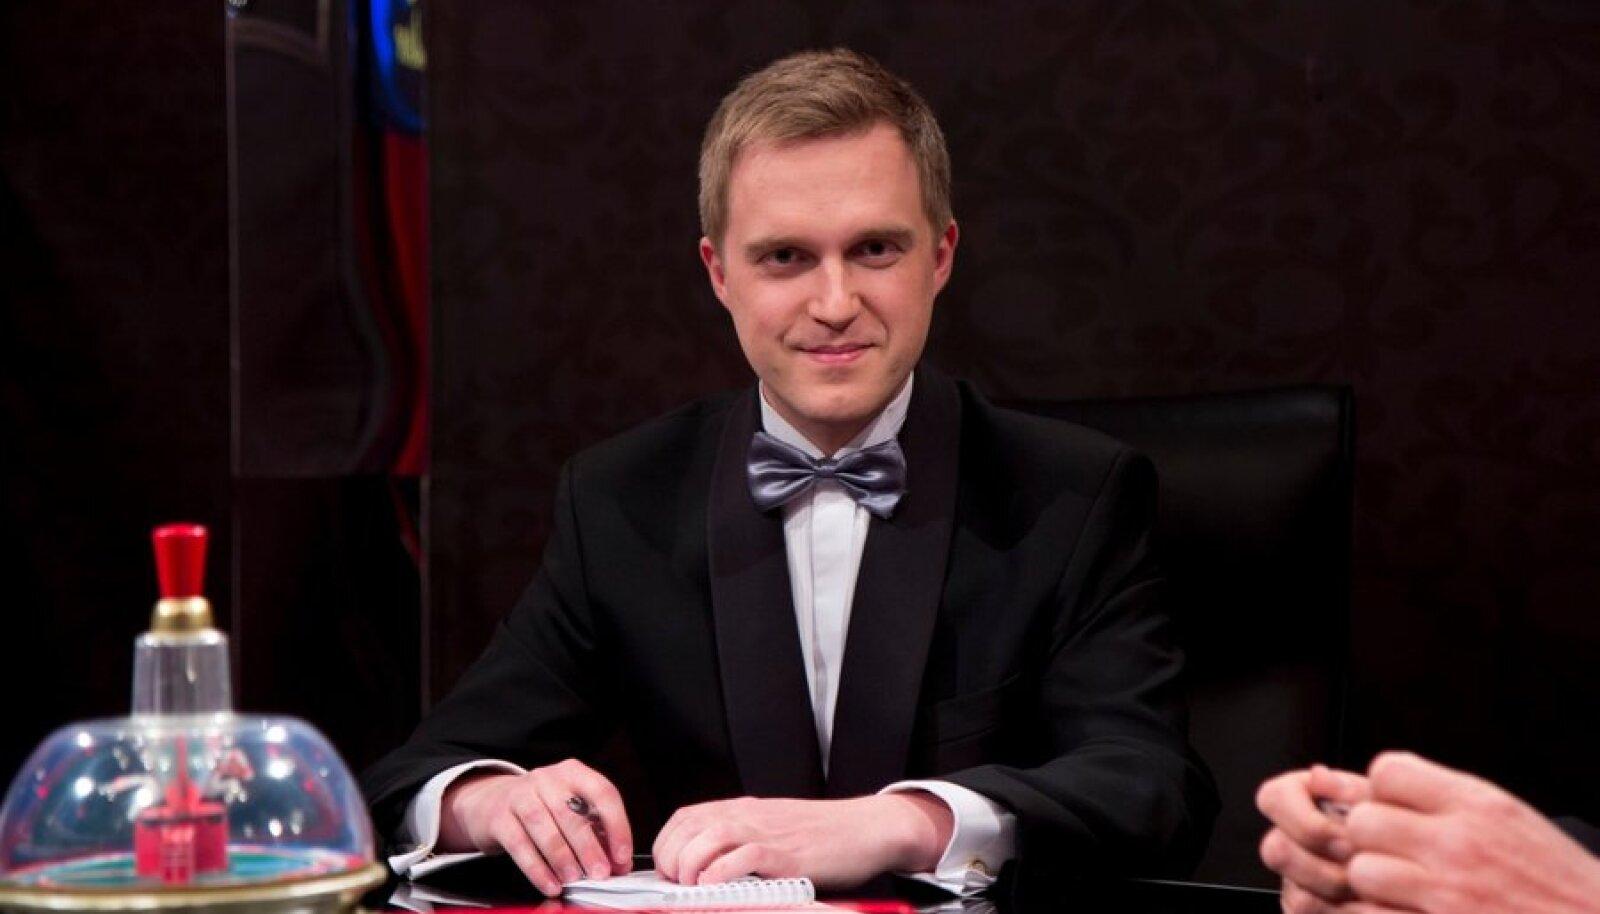 Imre Kaas